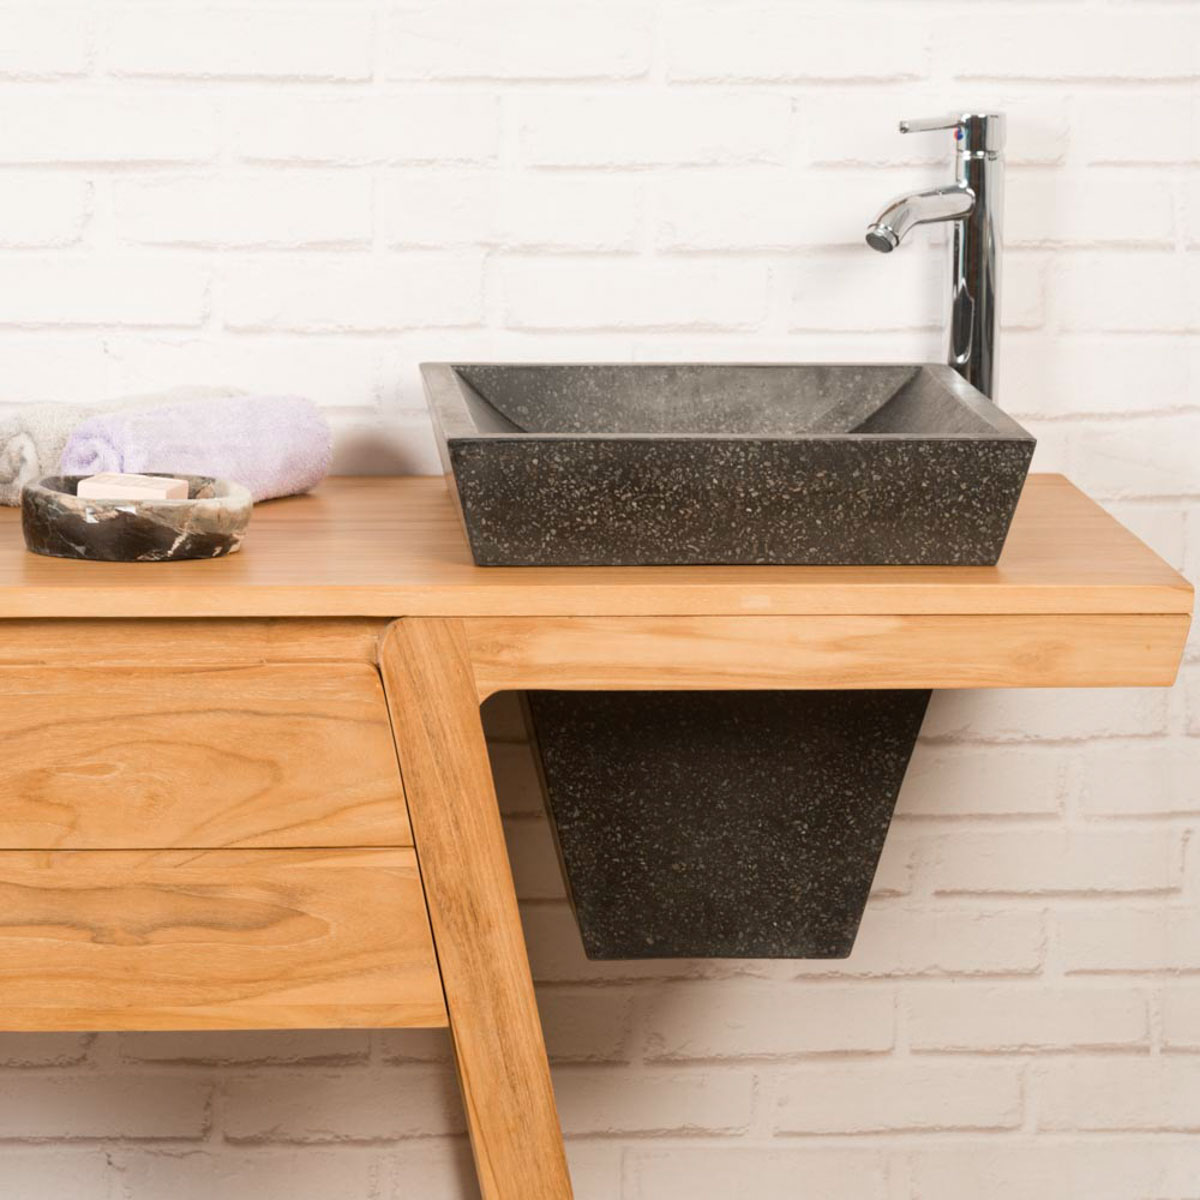 Meuble salle de bain meuble sous vasque teck kh ops 140 cm - Meuble salle de bain 140 cm ...